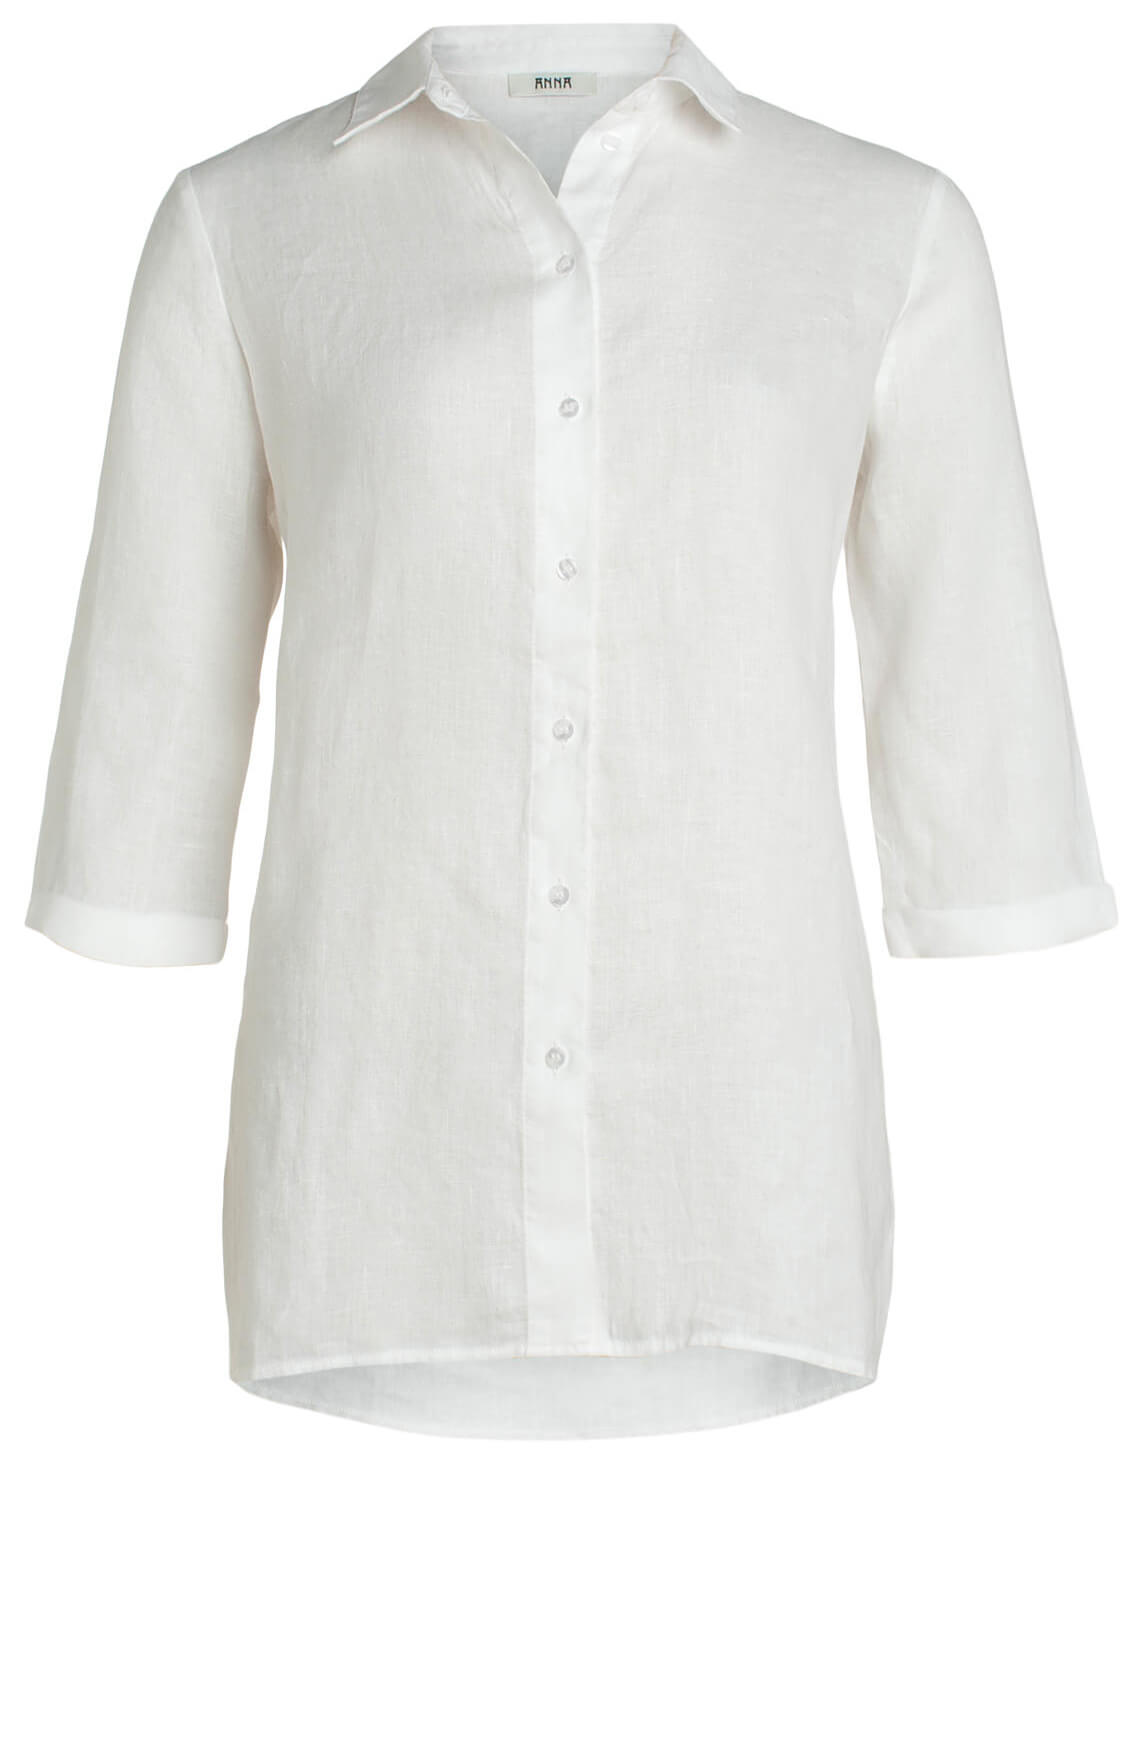 Anna Dames Linnen blouse wit